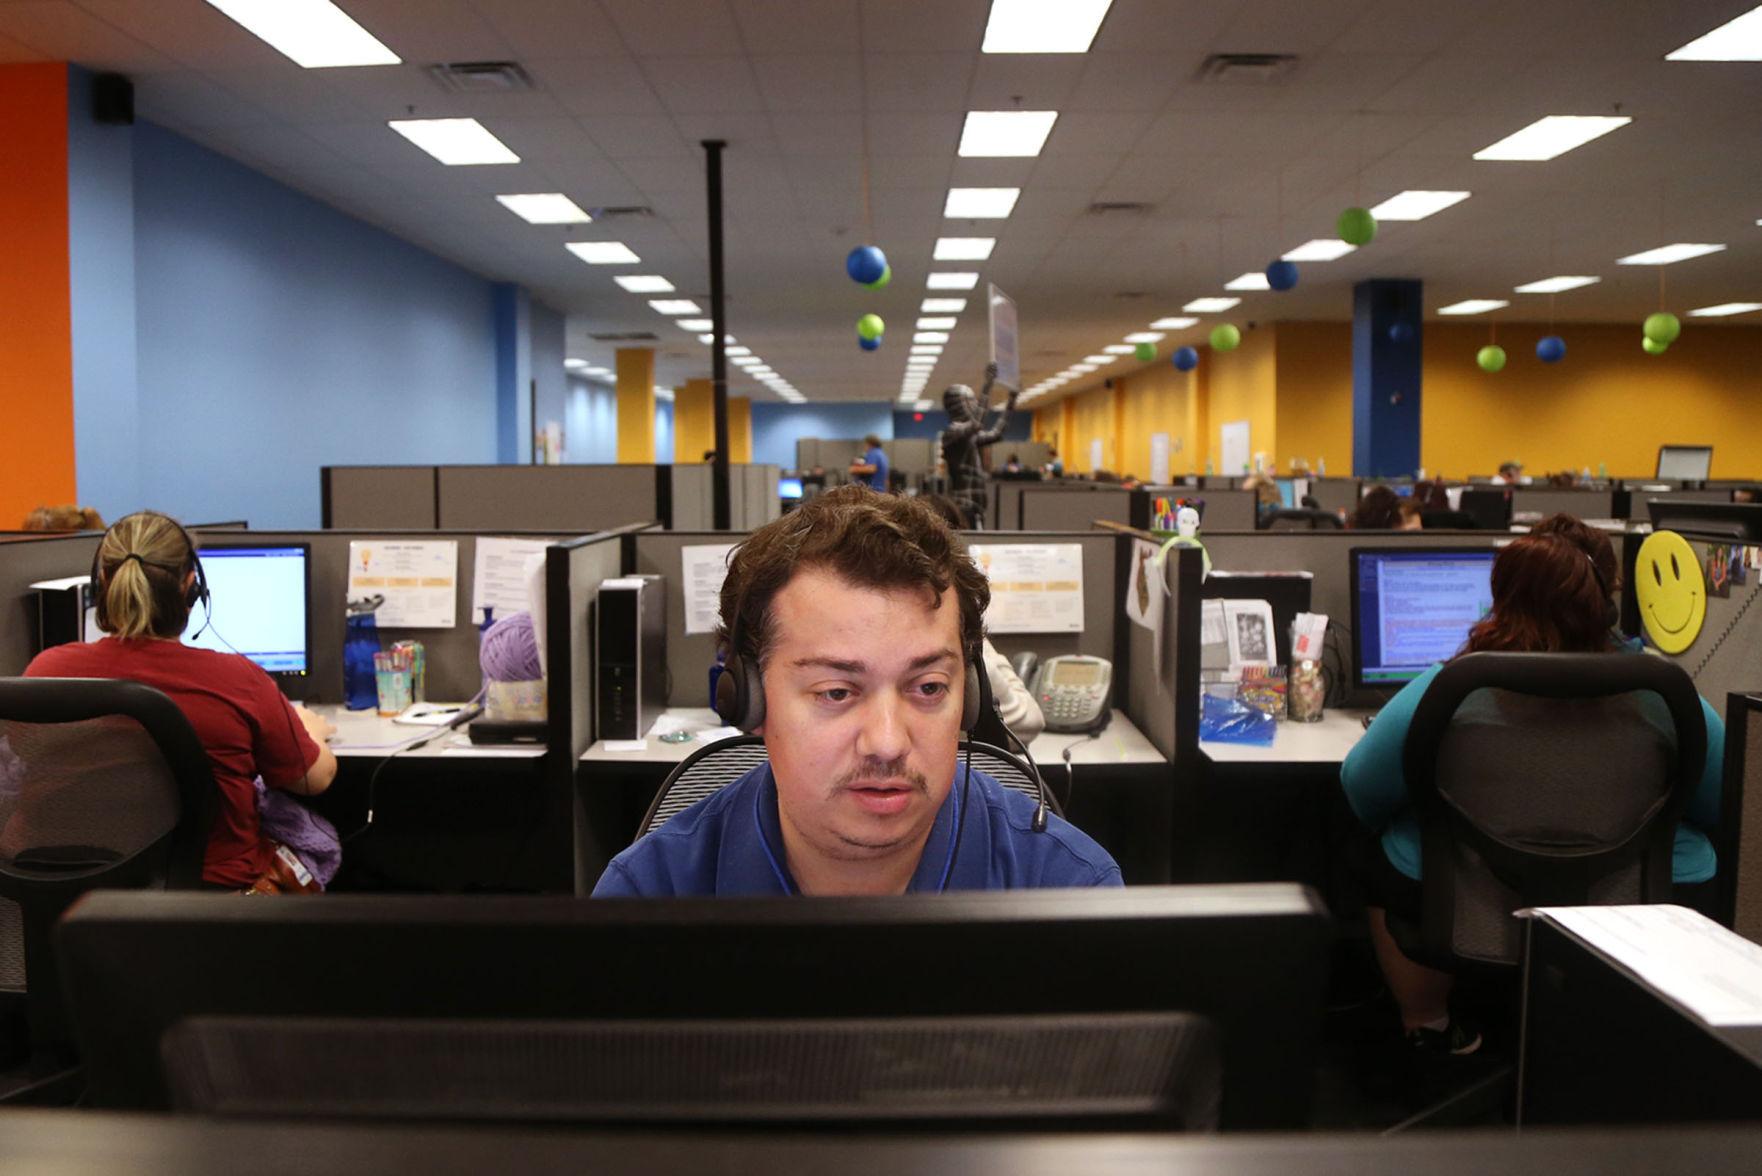 Tulsa technology center jobs